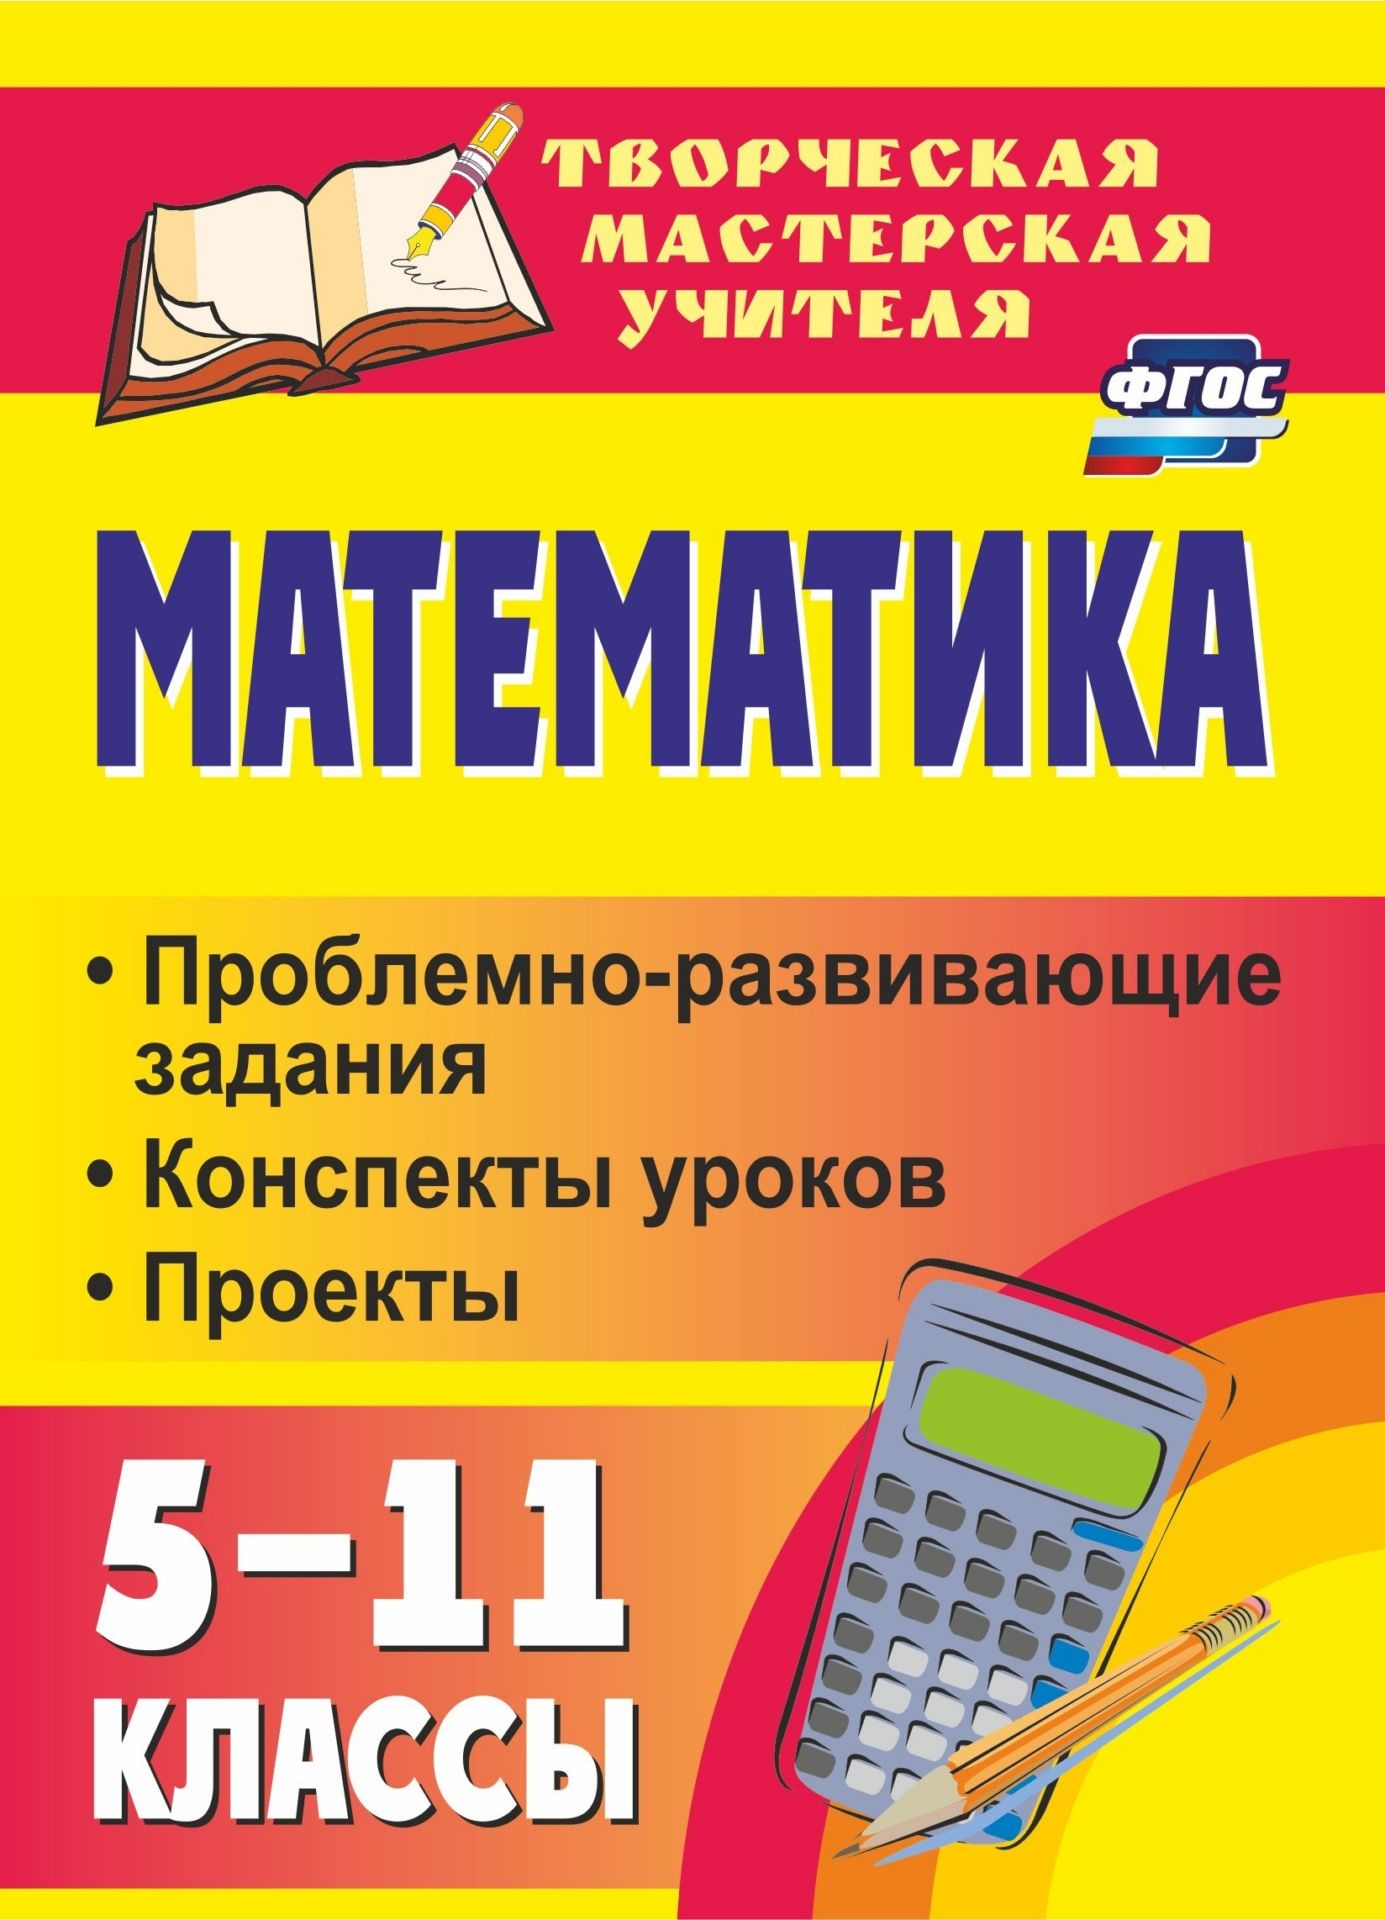 Г. Б. Полтавская Математика. 5-11 классы: проблемно-развивающие задания, конспекты уроков, проекты